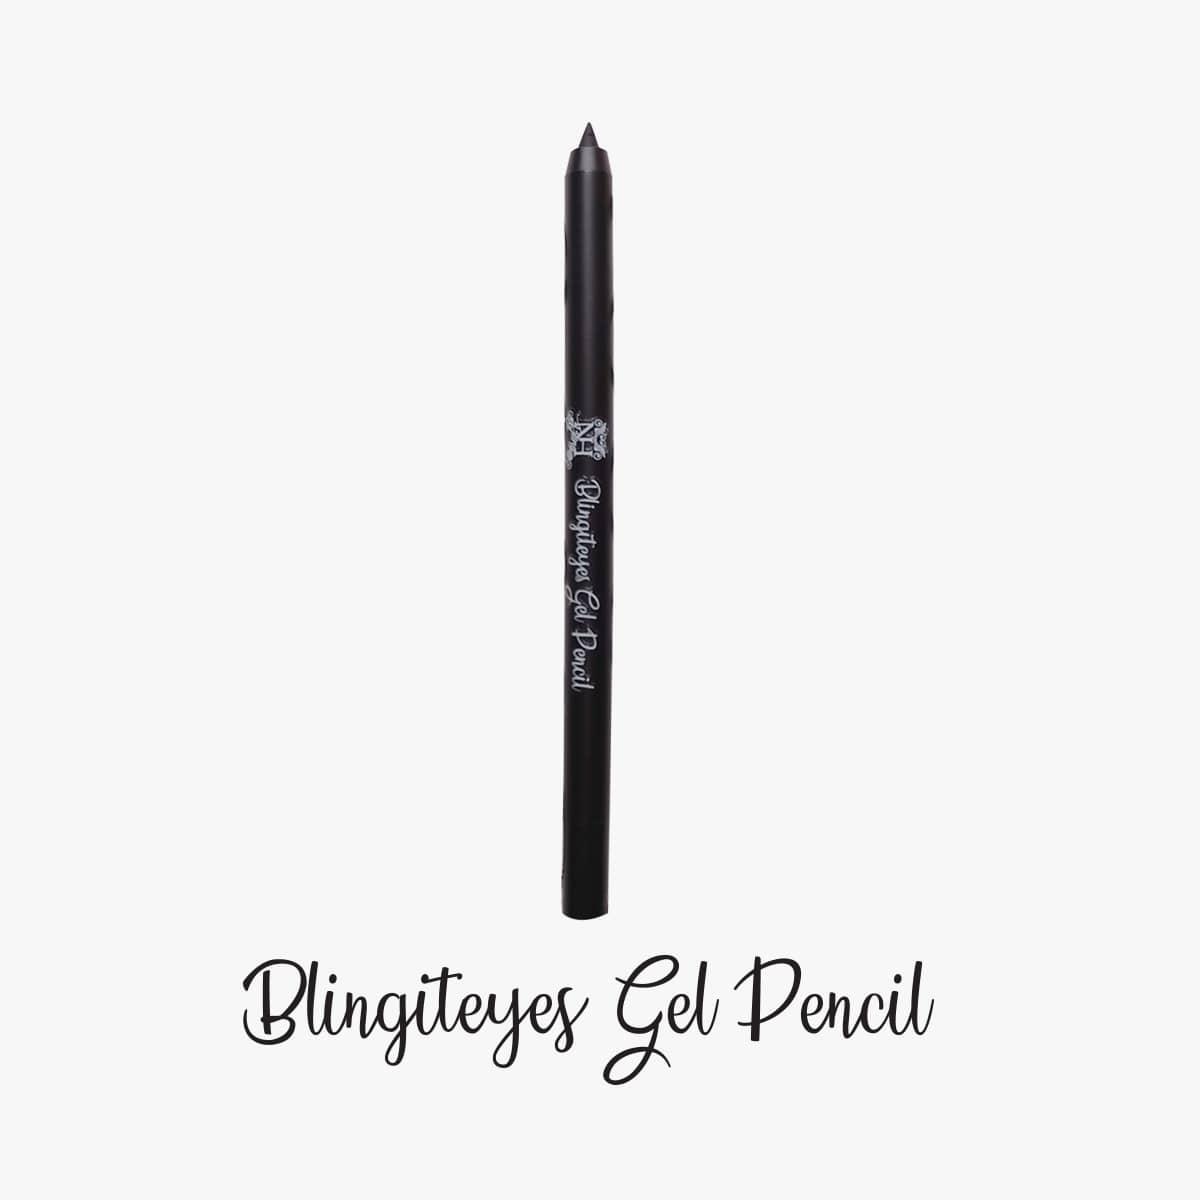 gel pencil (2)